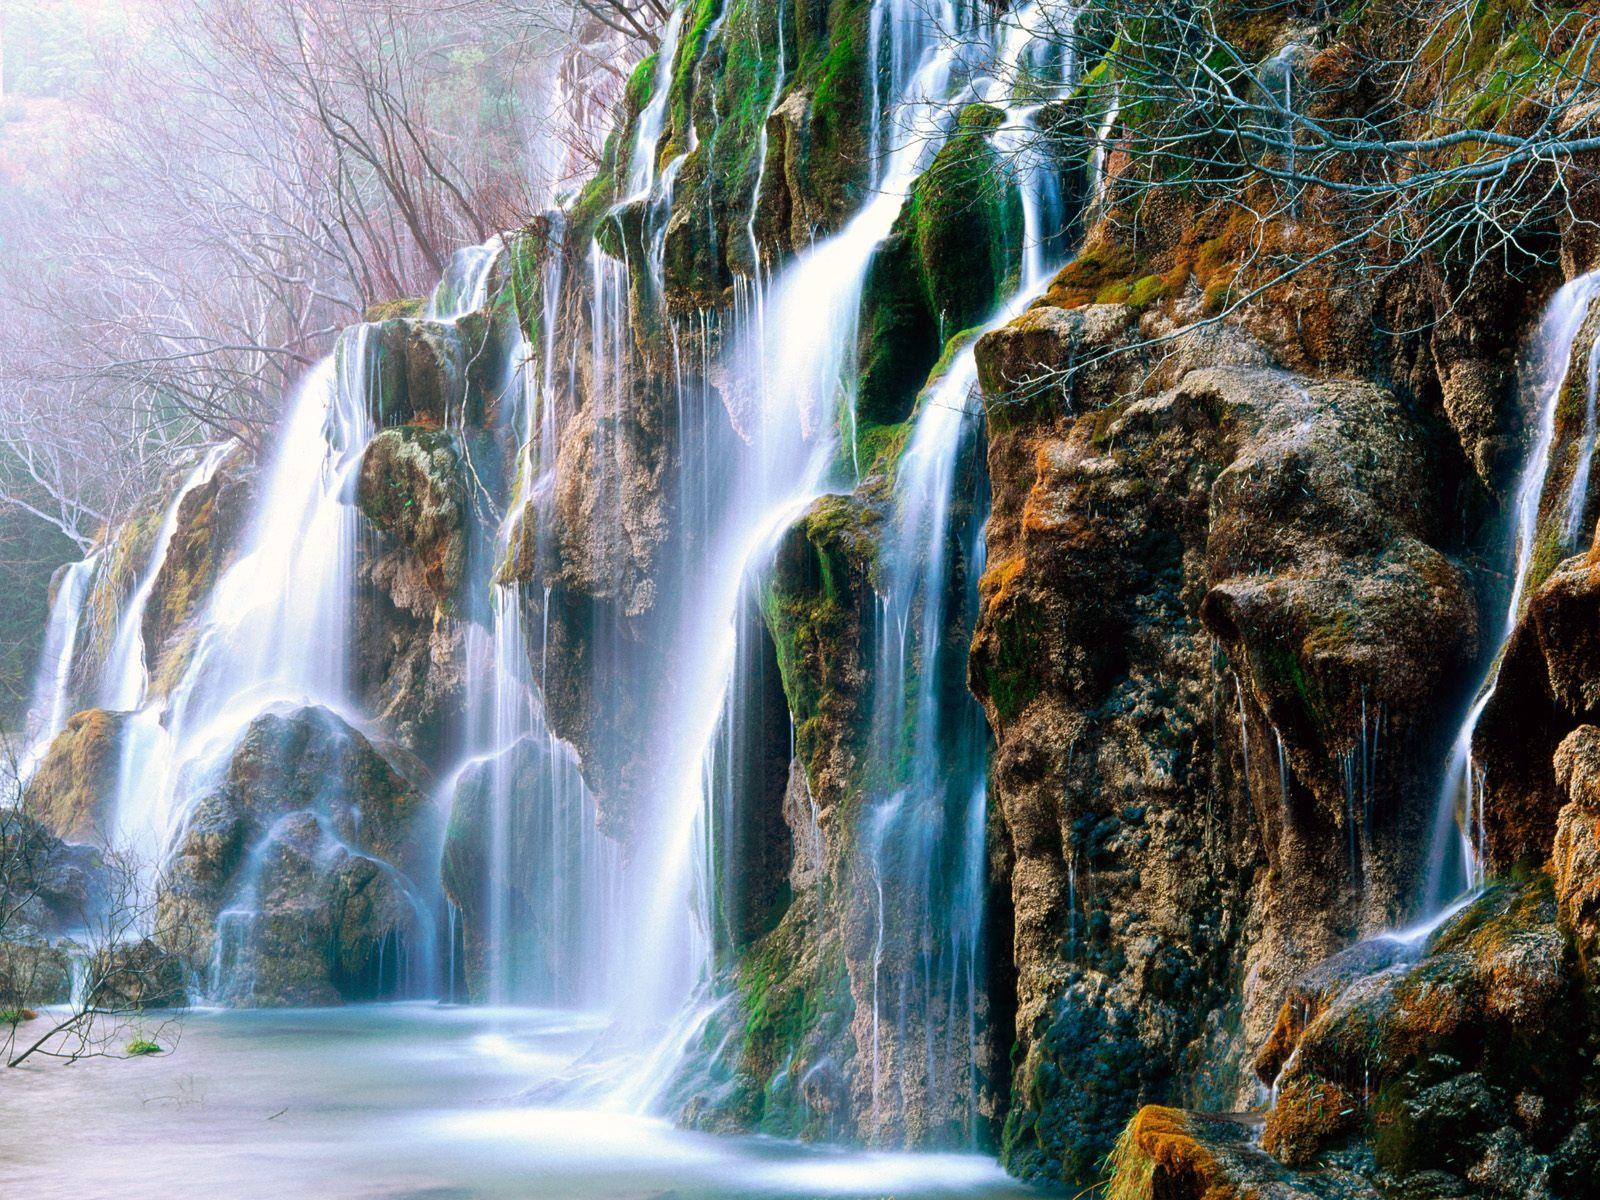 Hình nền thác nước đẹp